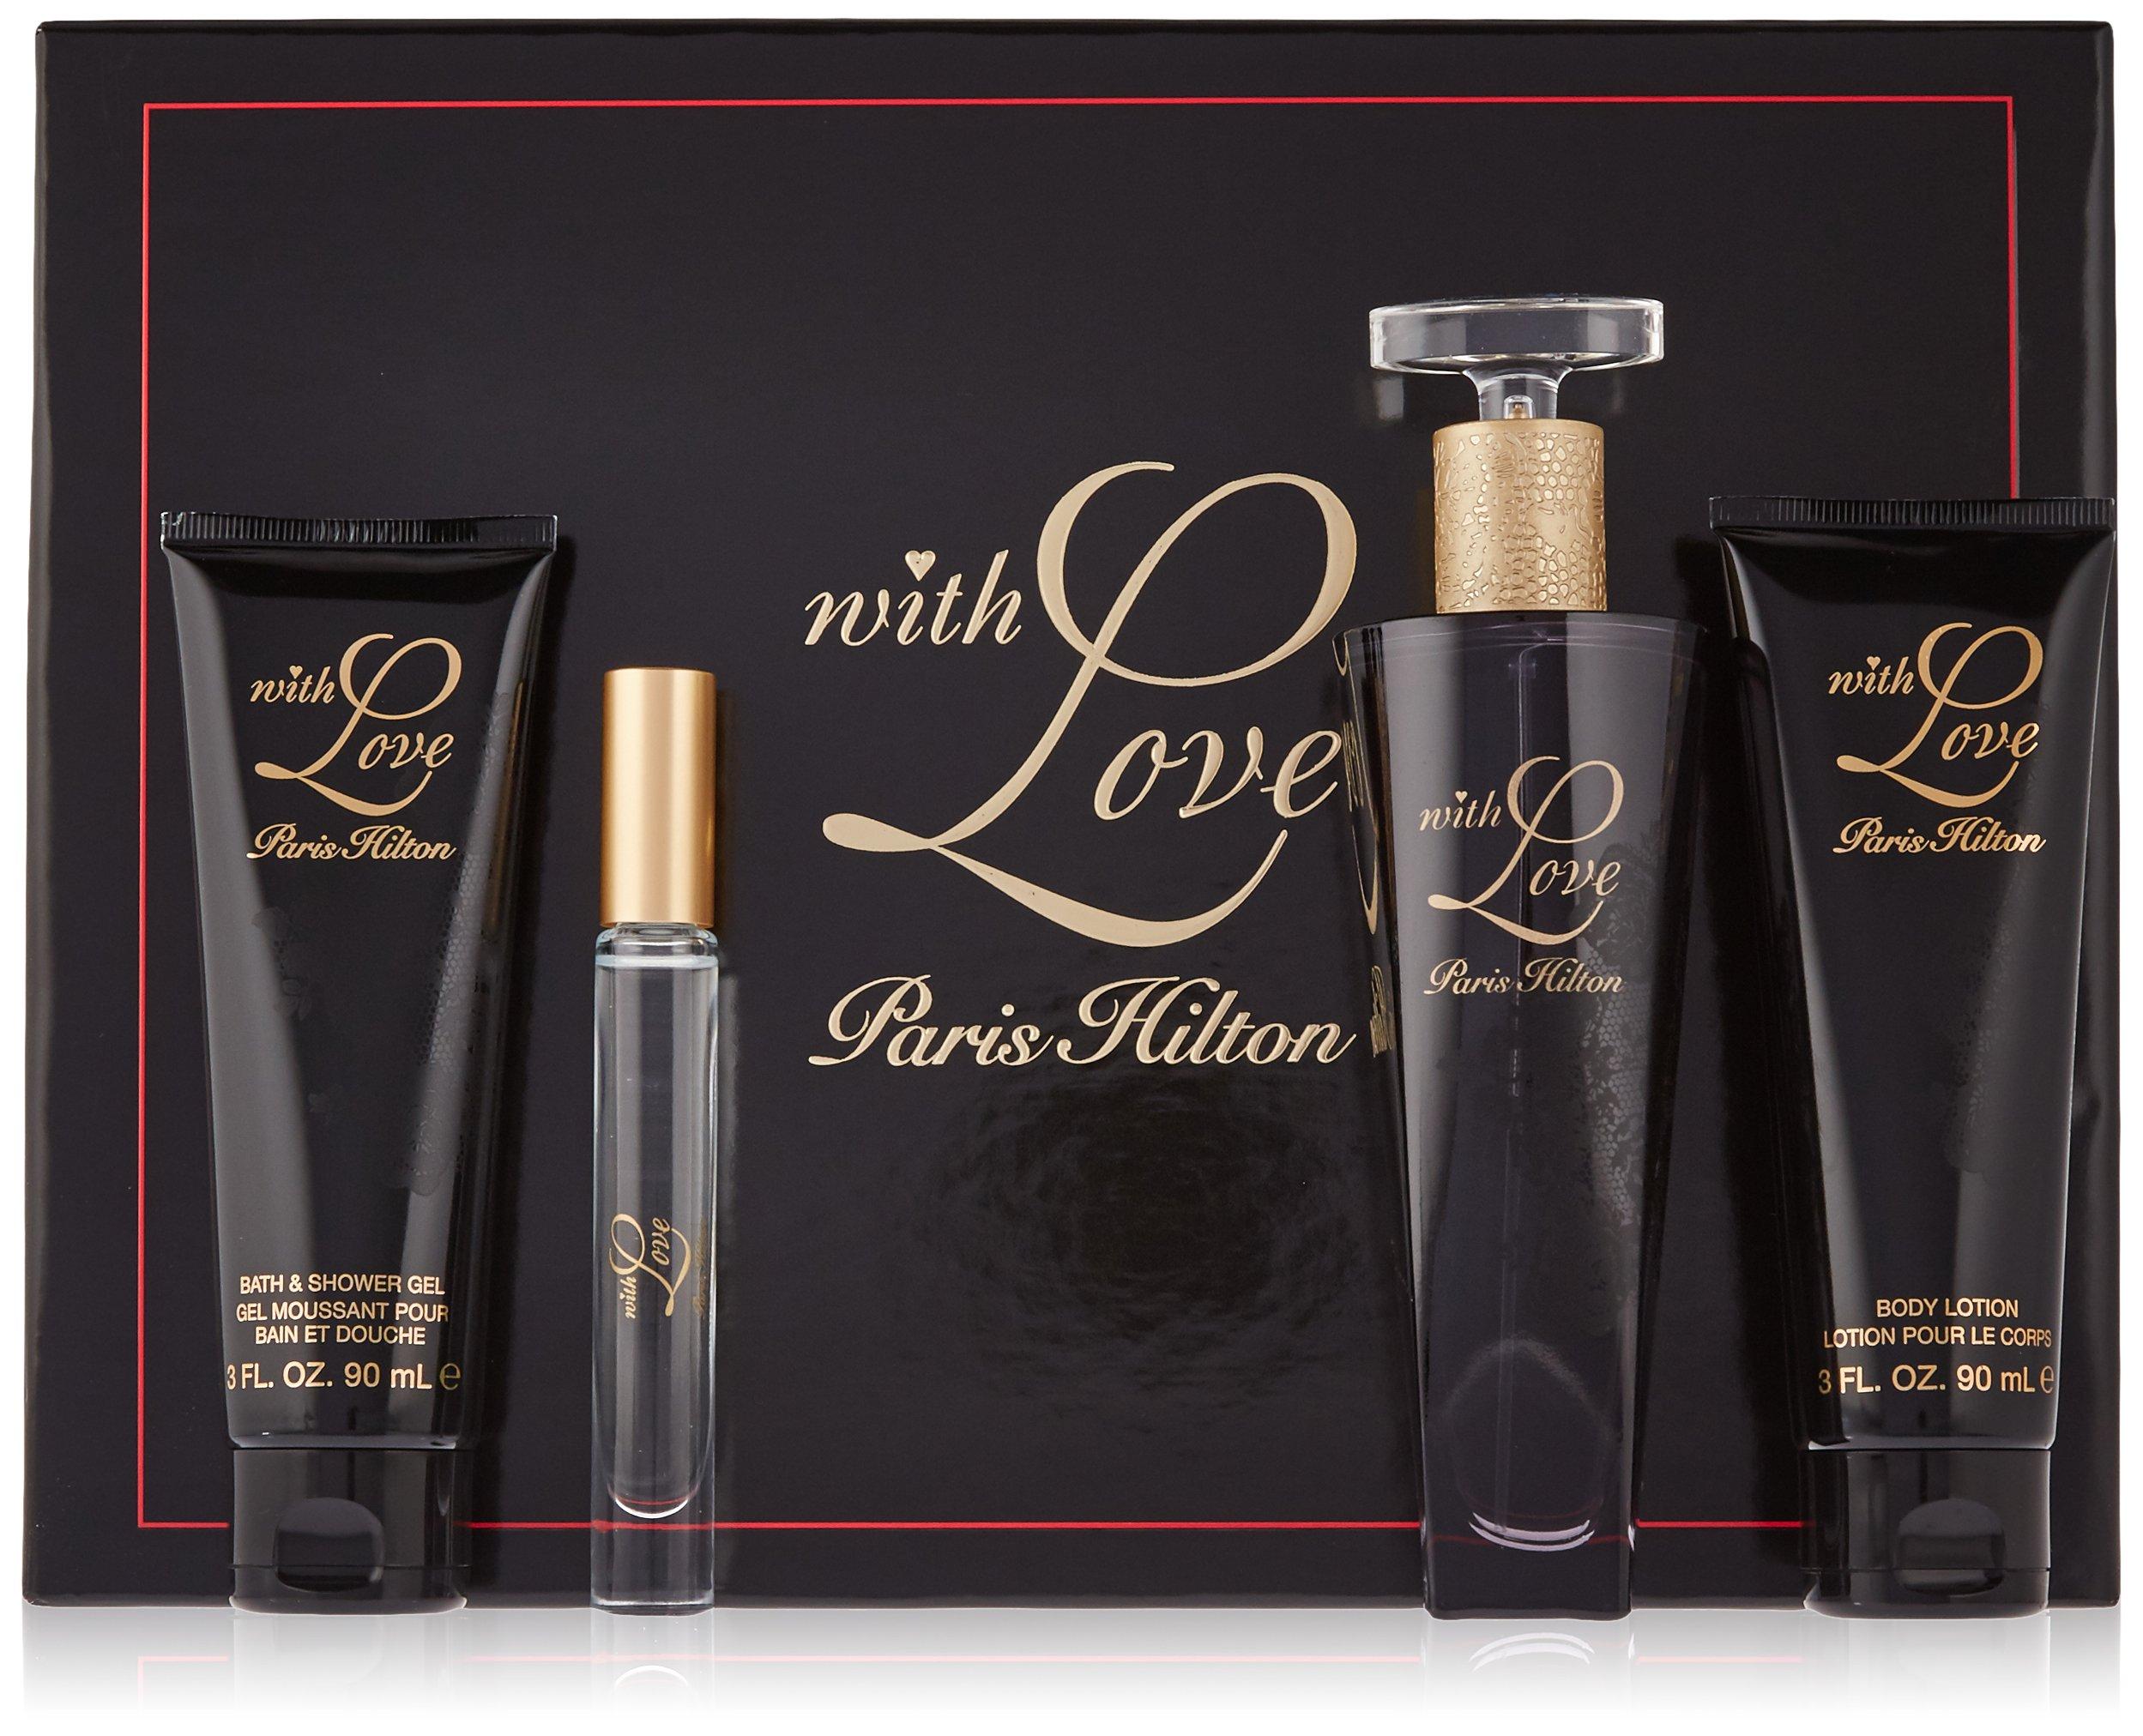 Paris Hilton with Love Women 4 Piece Gift Set by Paris Hilton (Image #1)